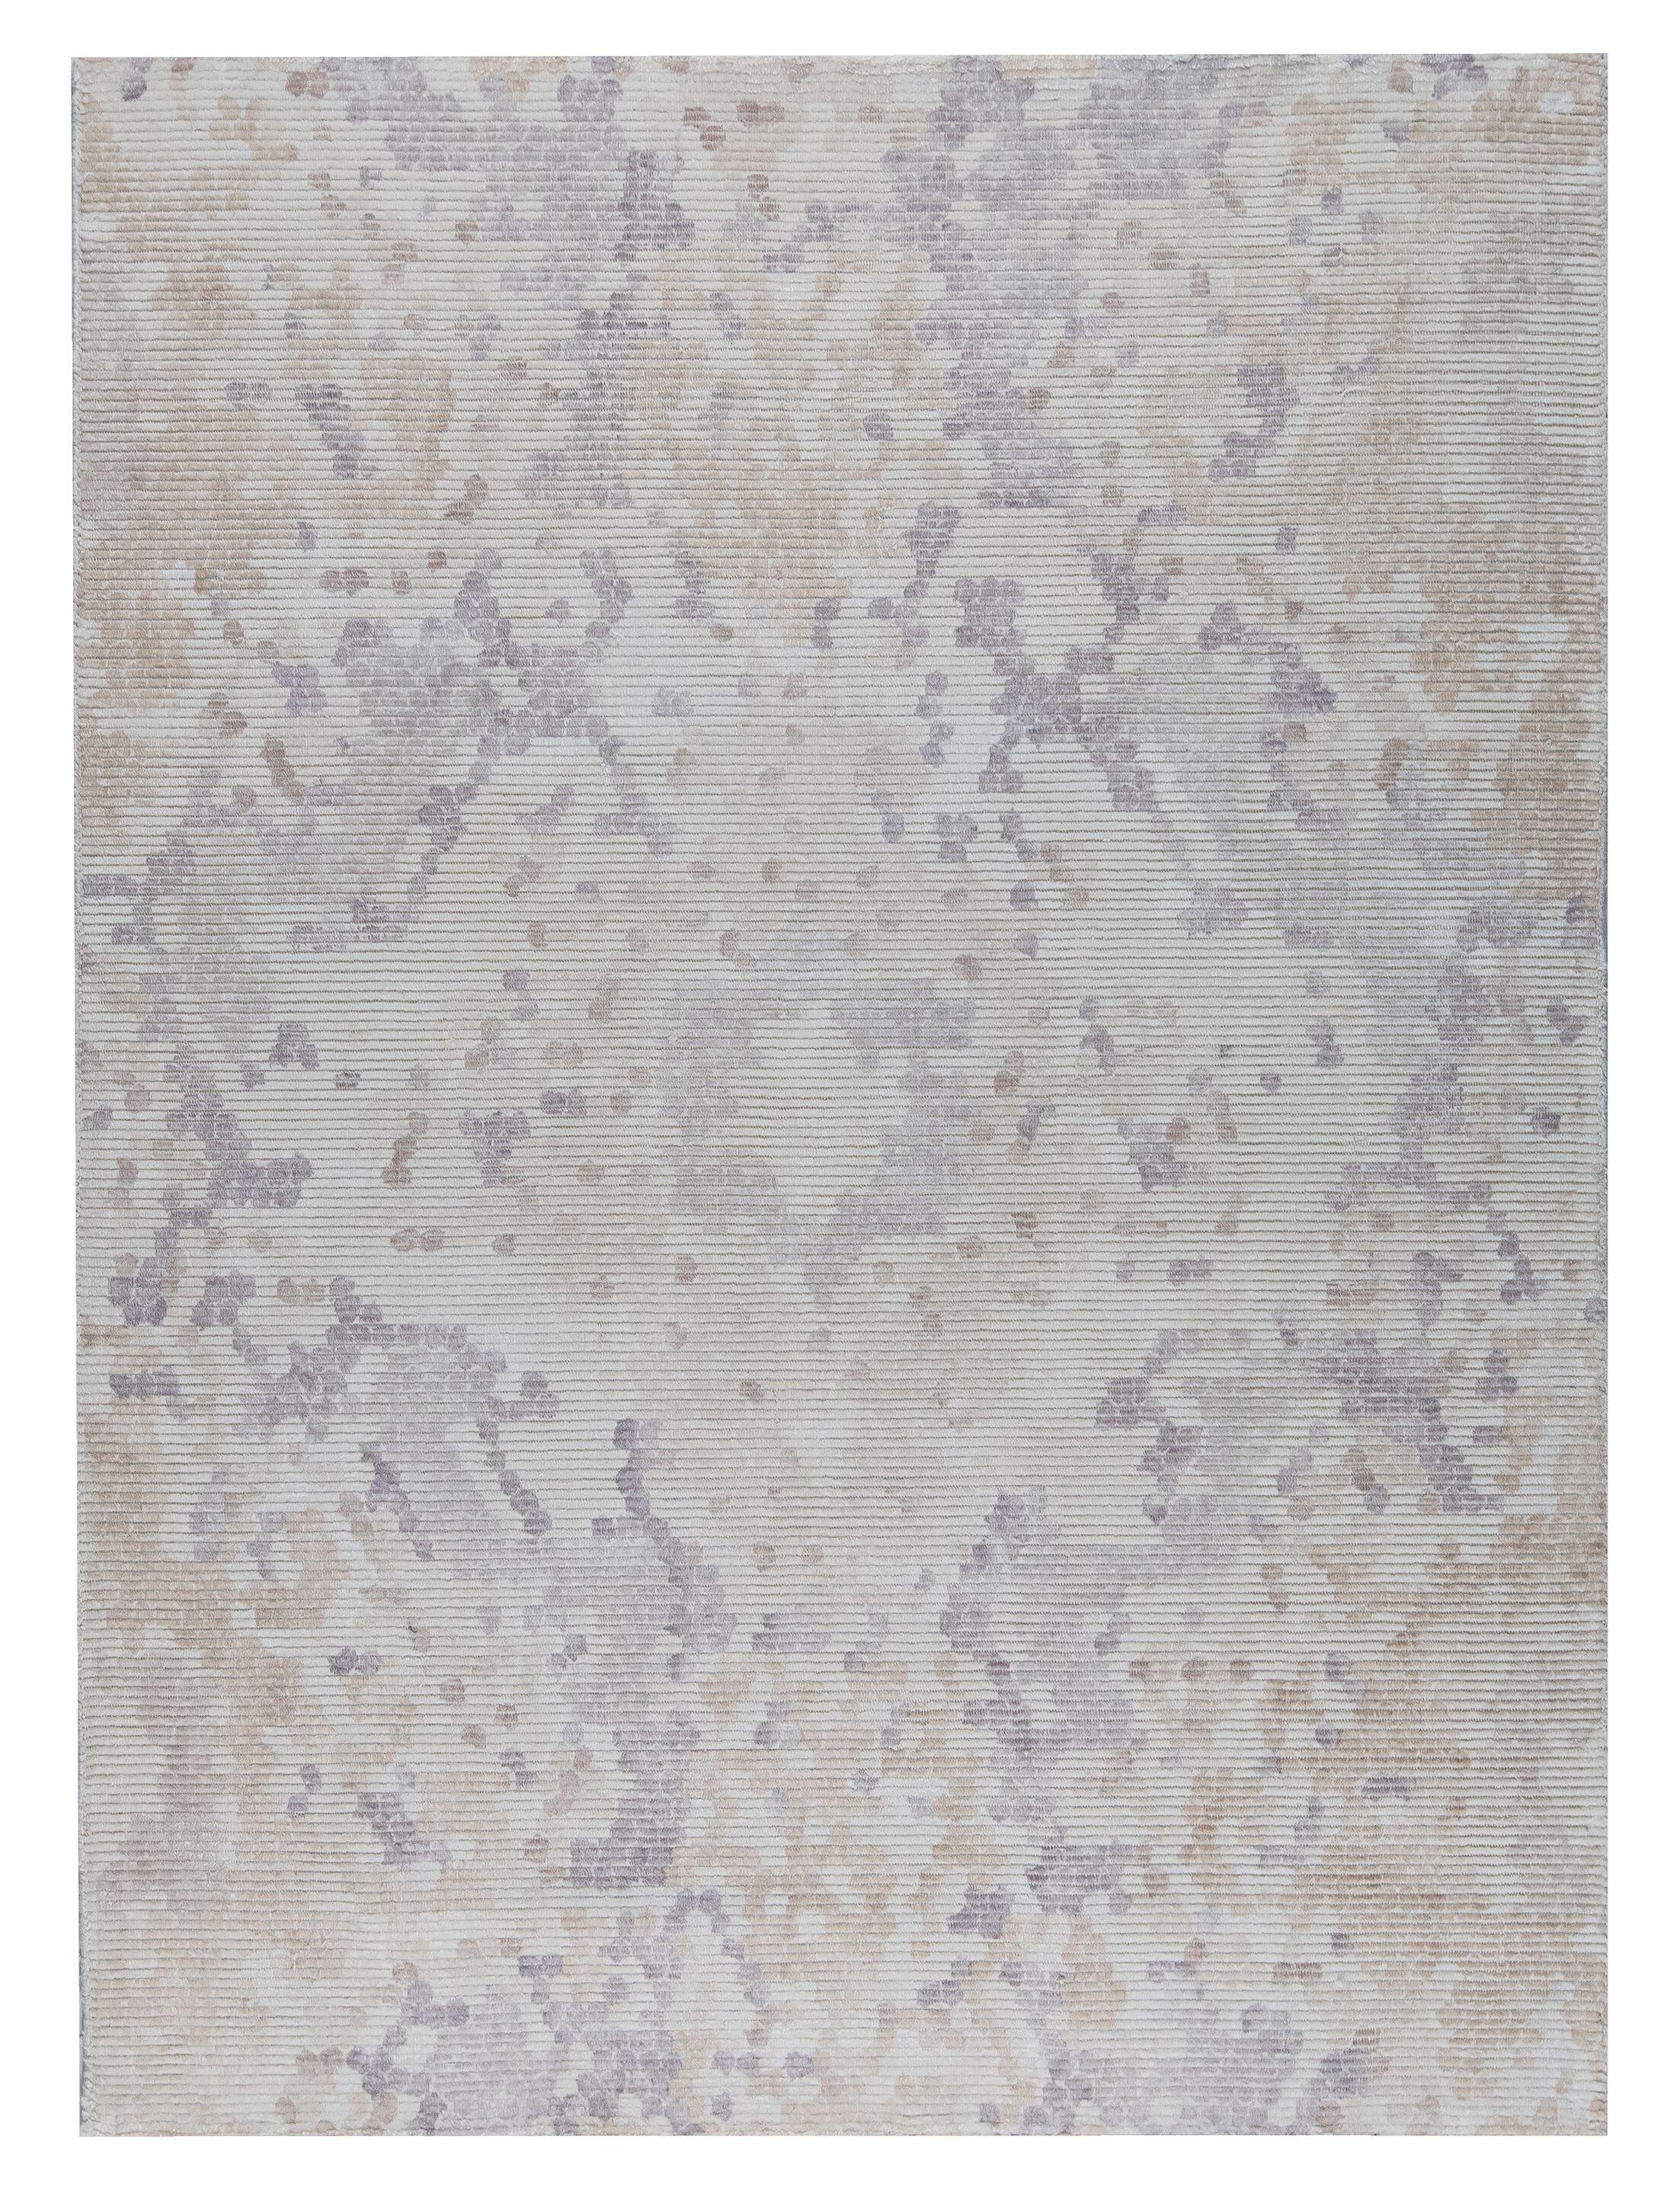 Omaha Hand-Woven Beige/Gray Area Rug Rug Size: 5' x 8'